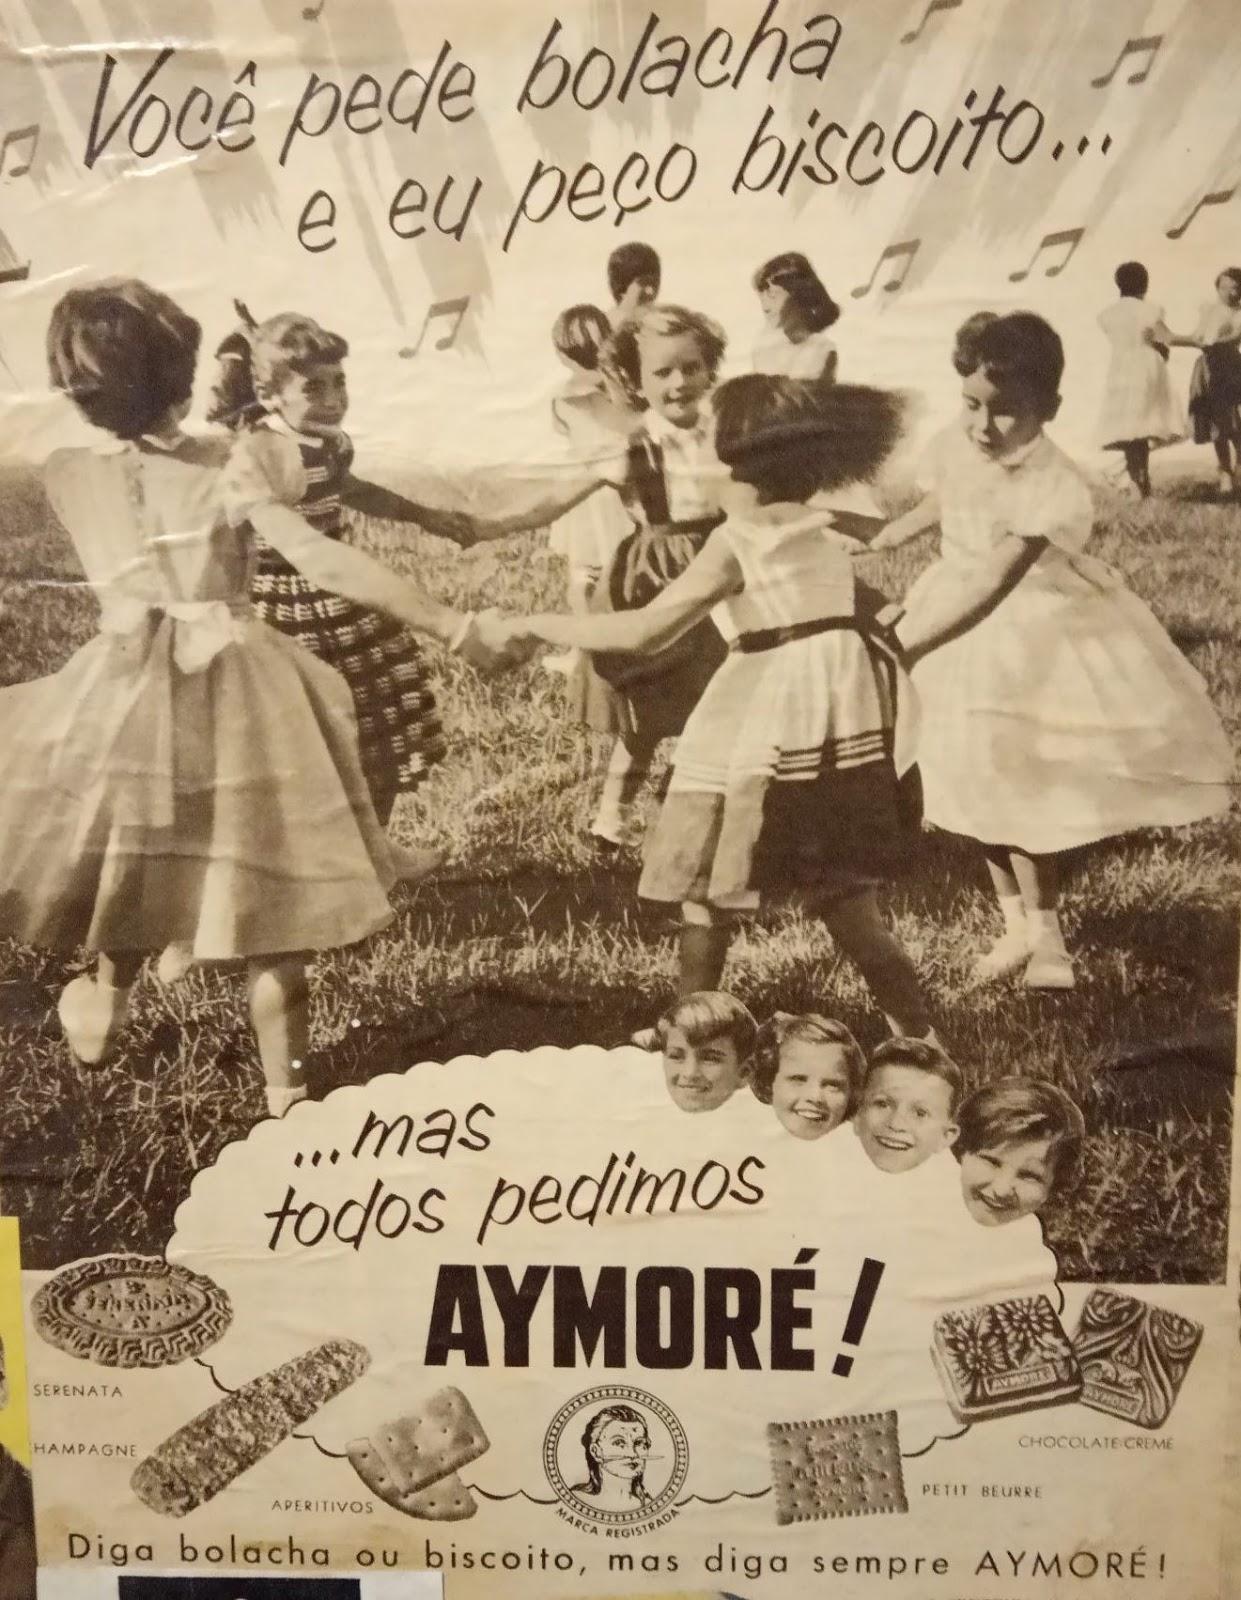 Propaganda antiga da Aymoré veiculada em 1956 com a polêmica bolacha ou biscoito